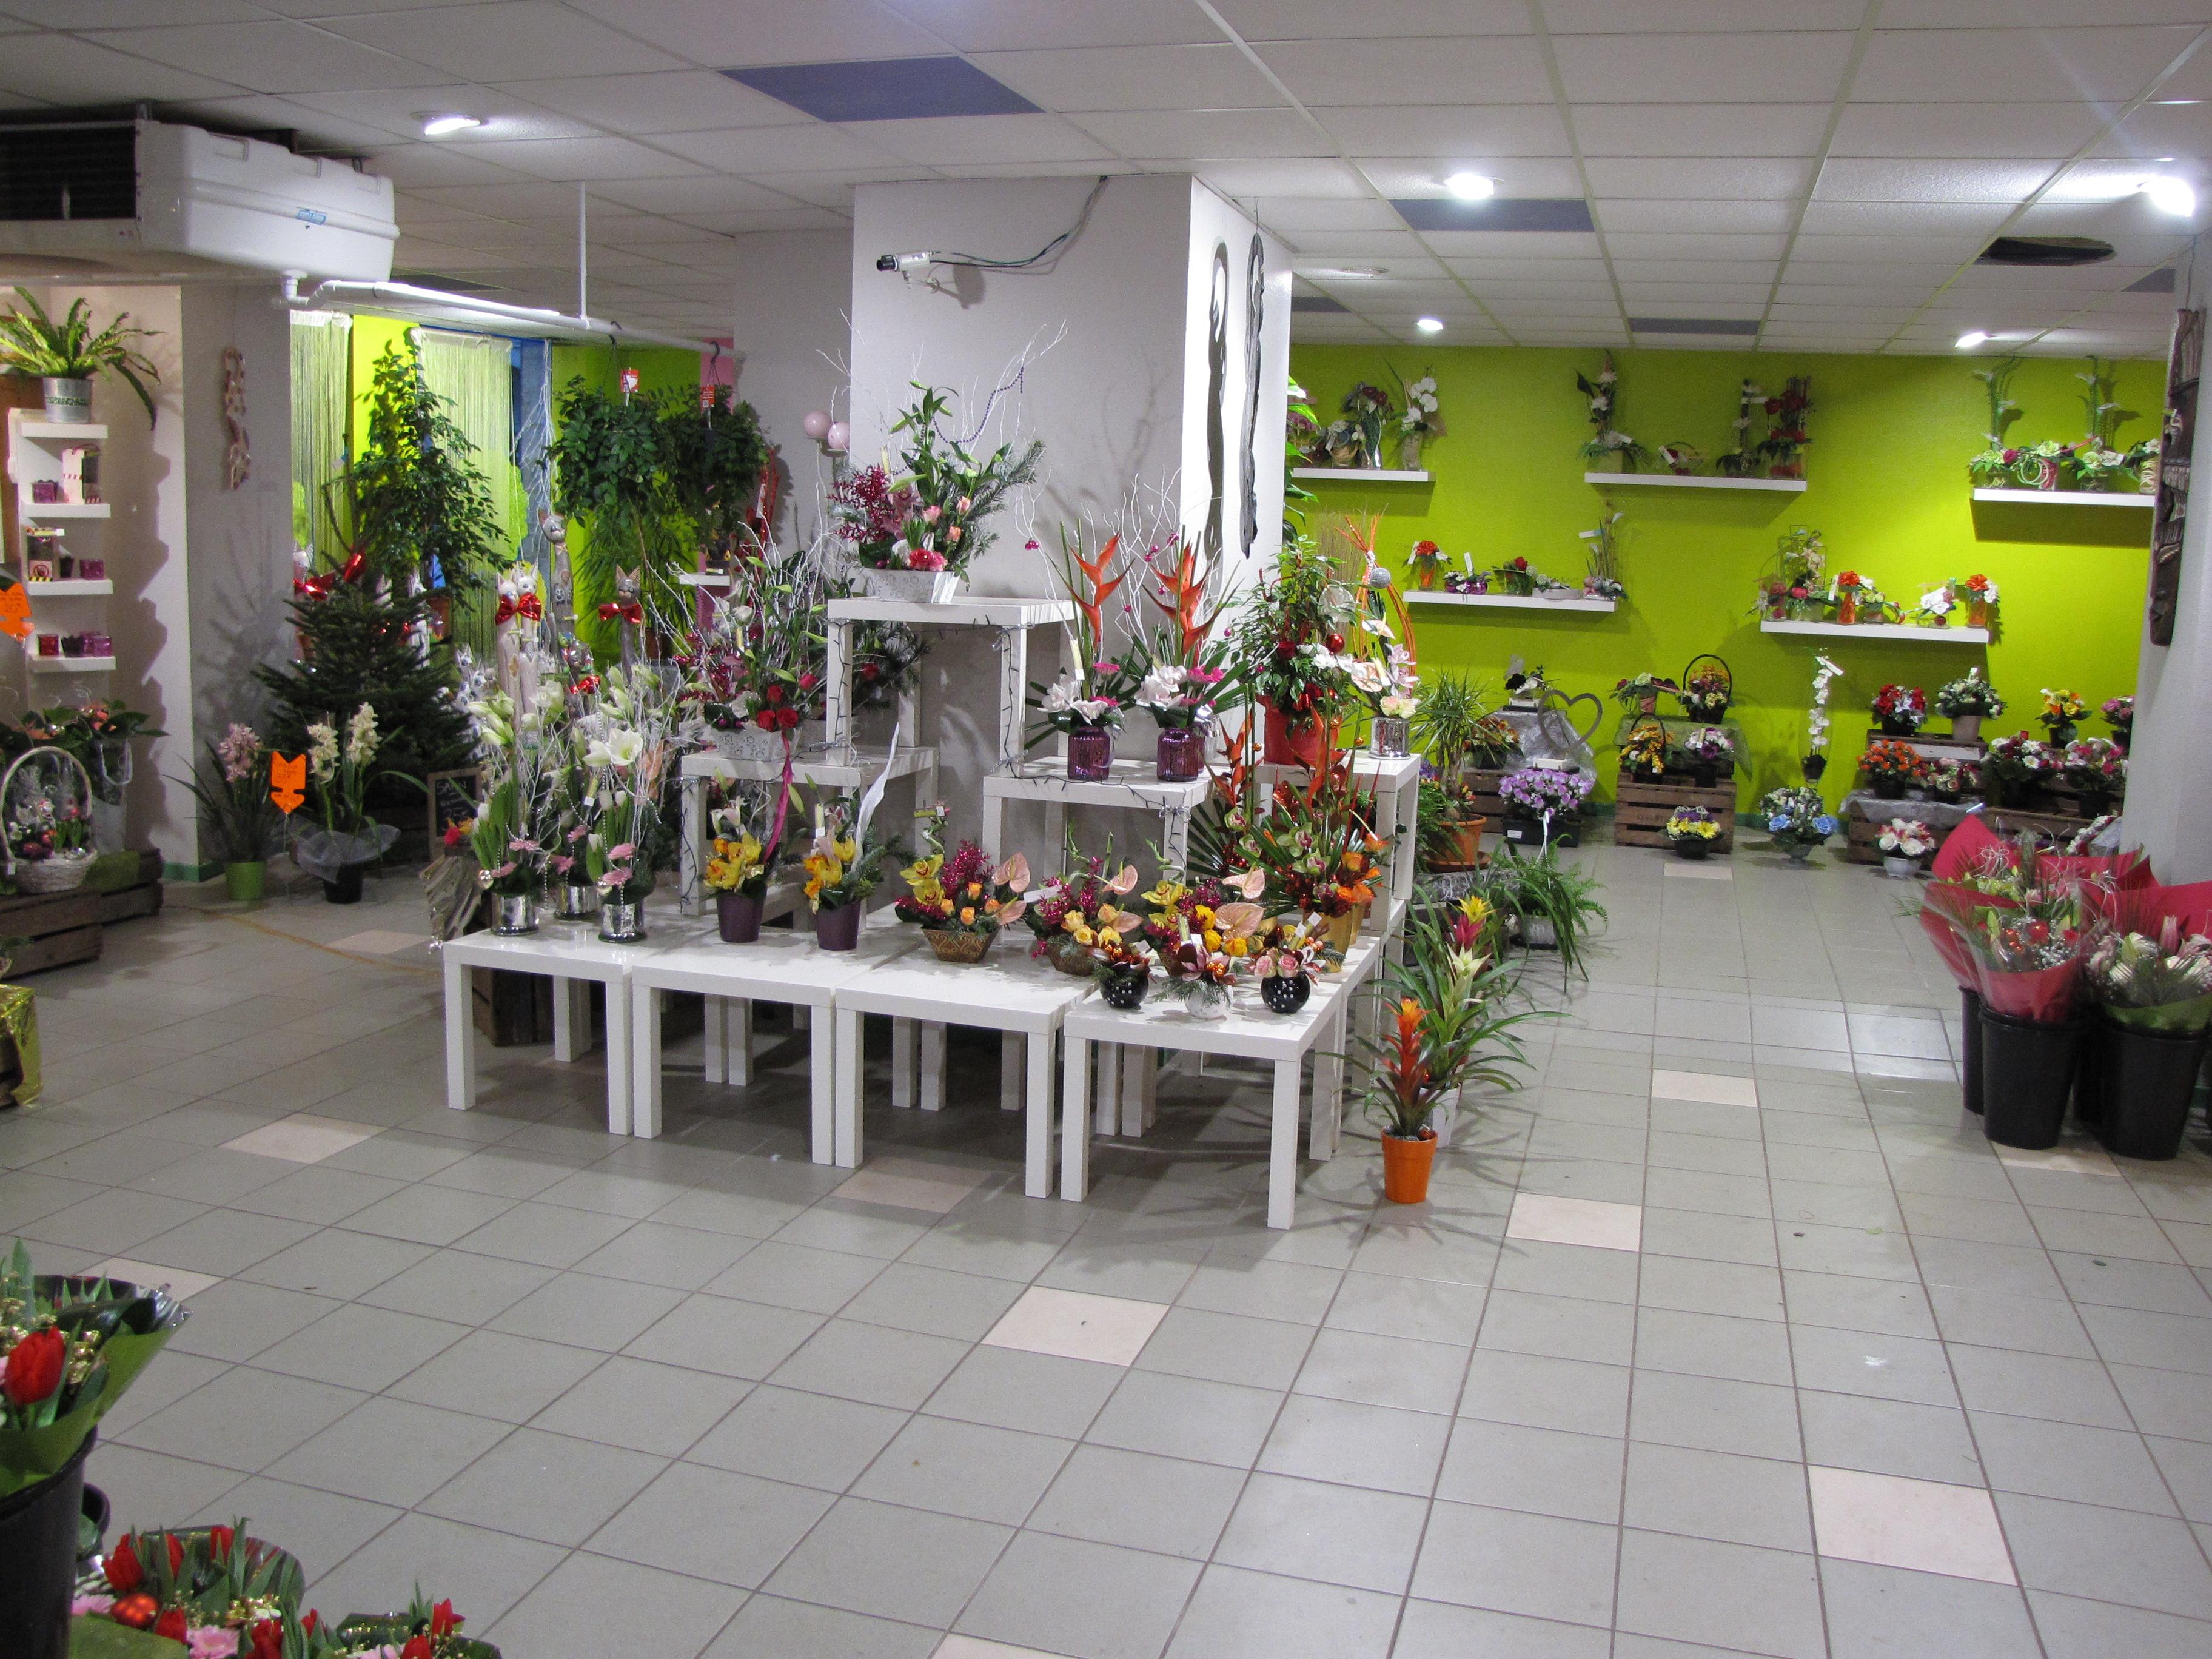 Exceptionnel Fleuriste Douai, 1001 fleurs Douai. Éva vous ouvre ses portes CG35